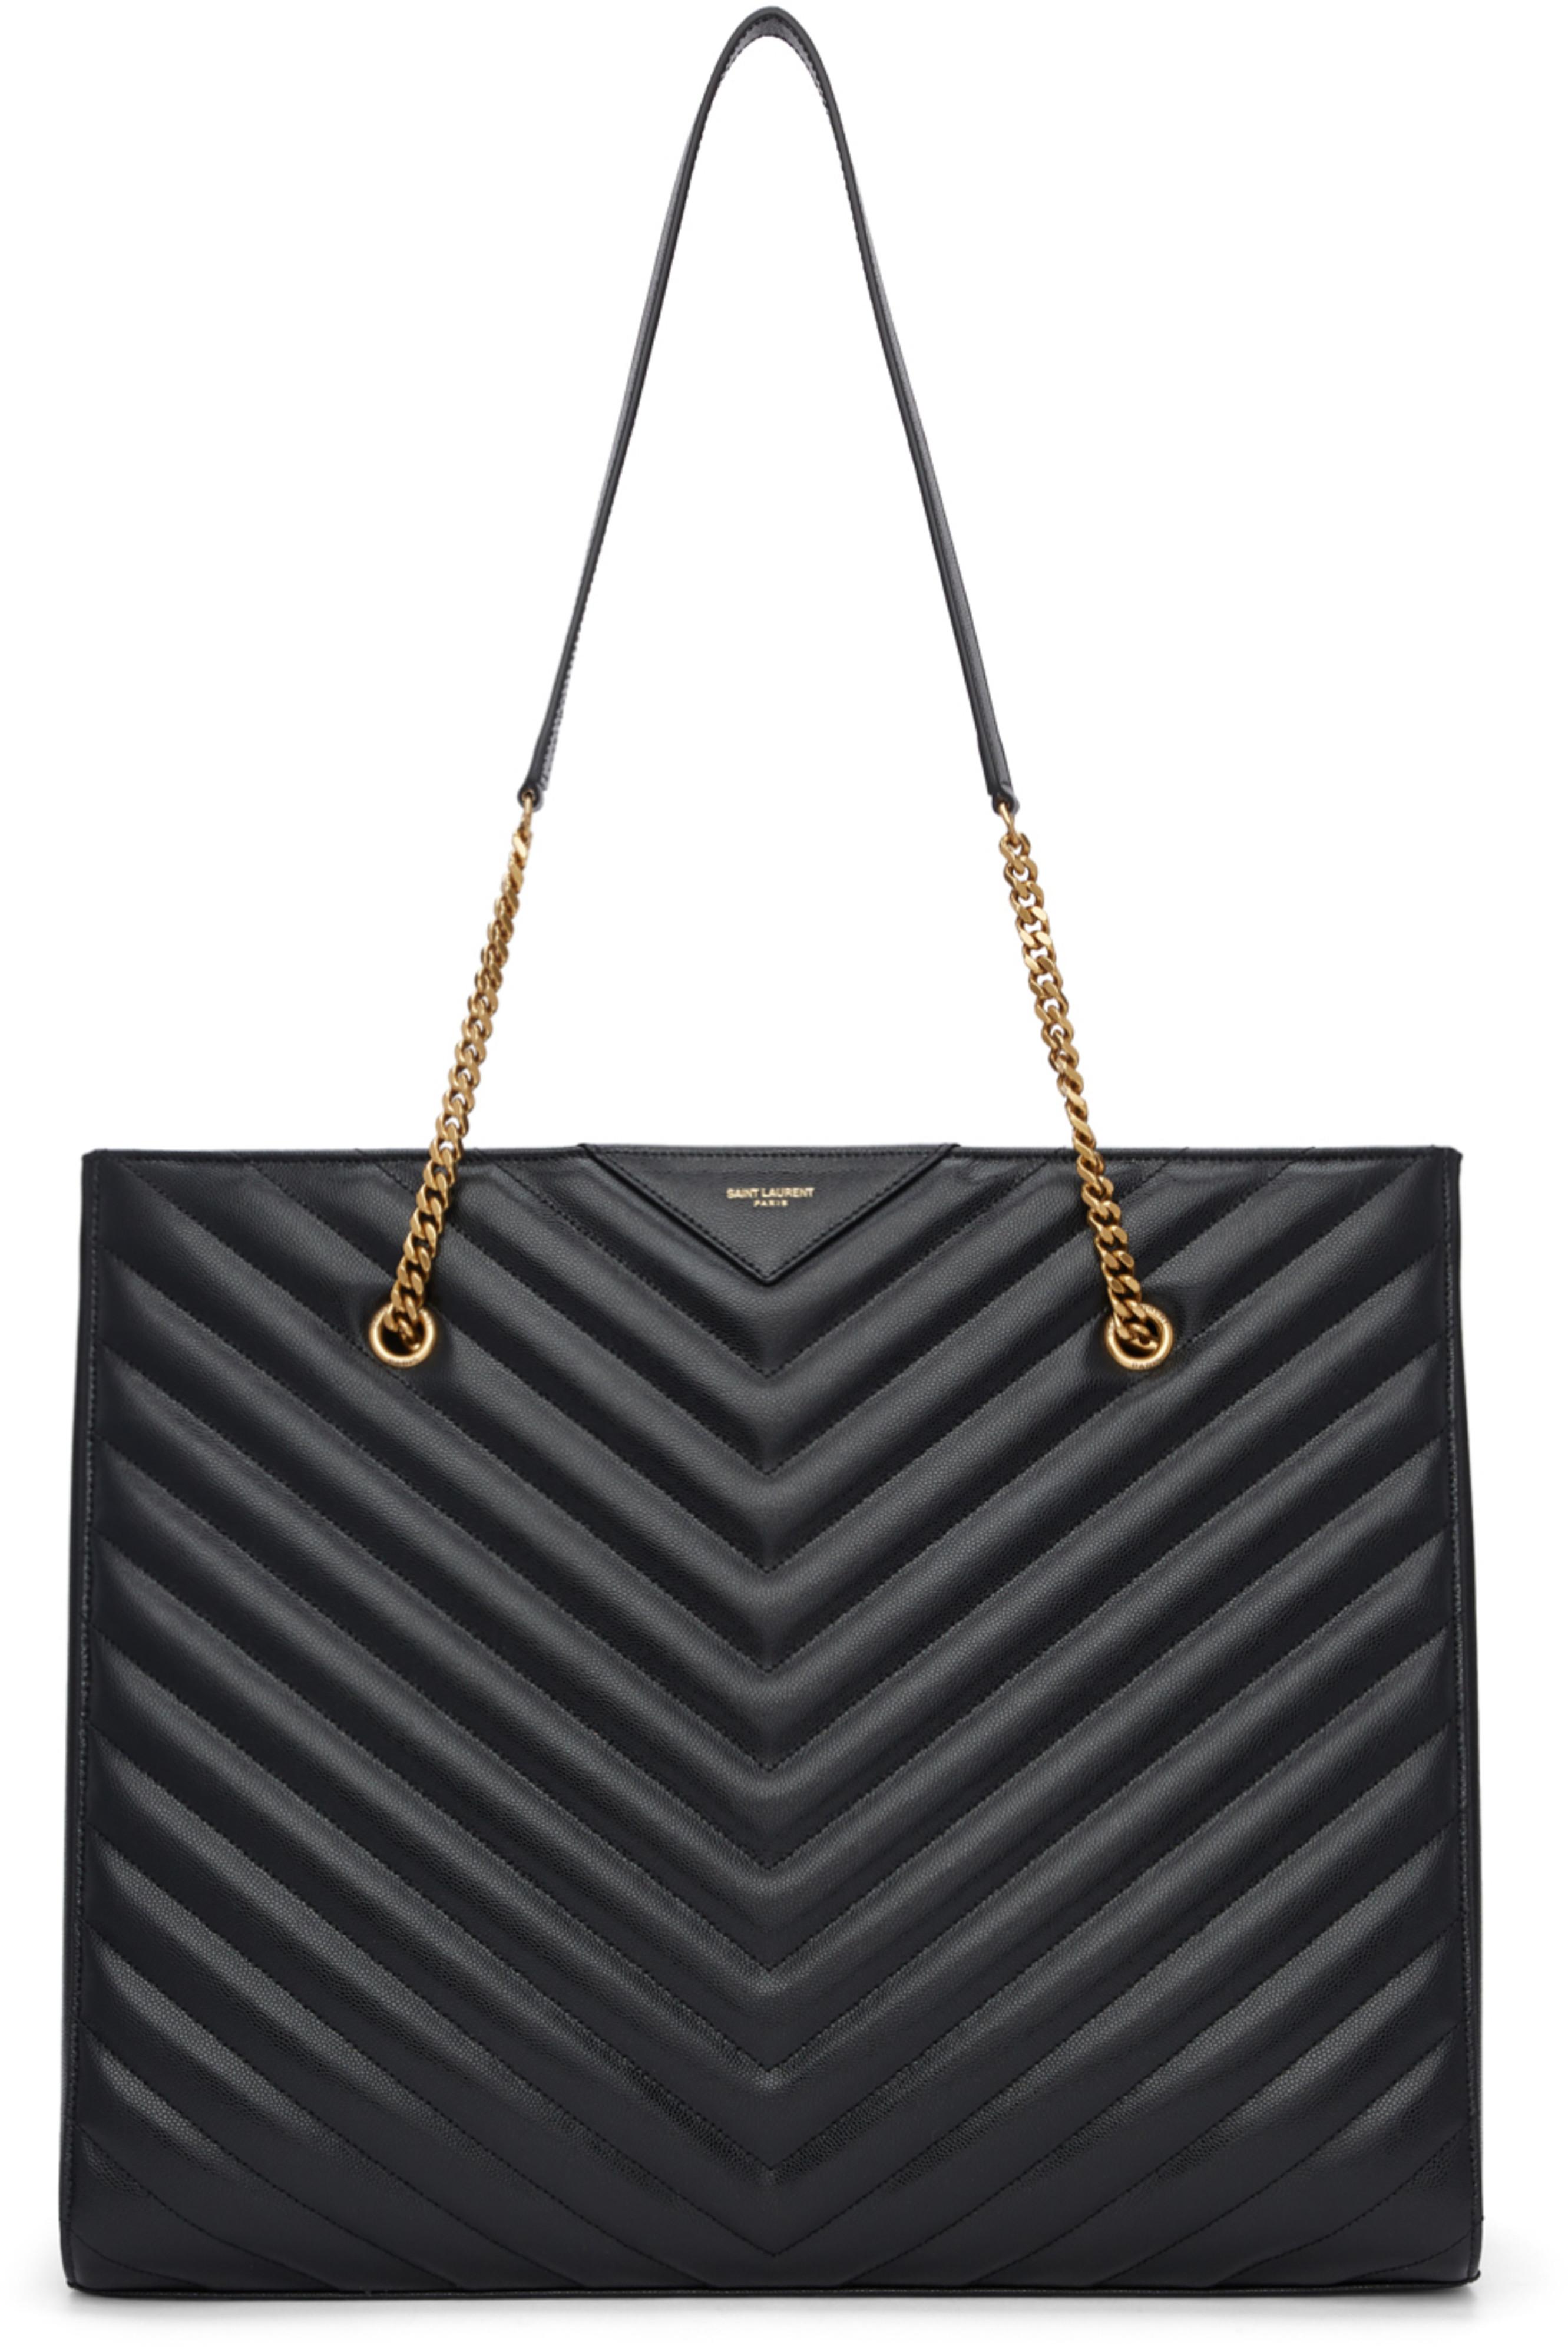 a5e1f1c31776 Designer bags for Women